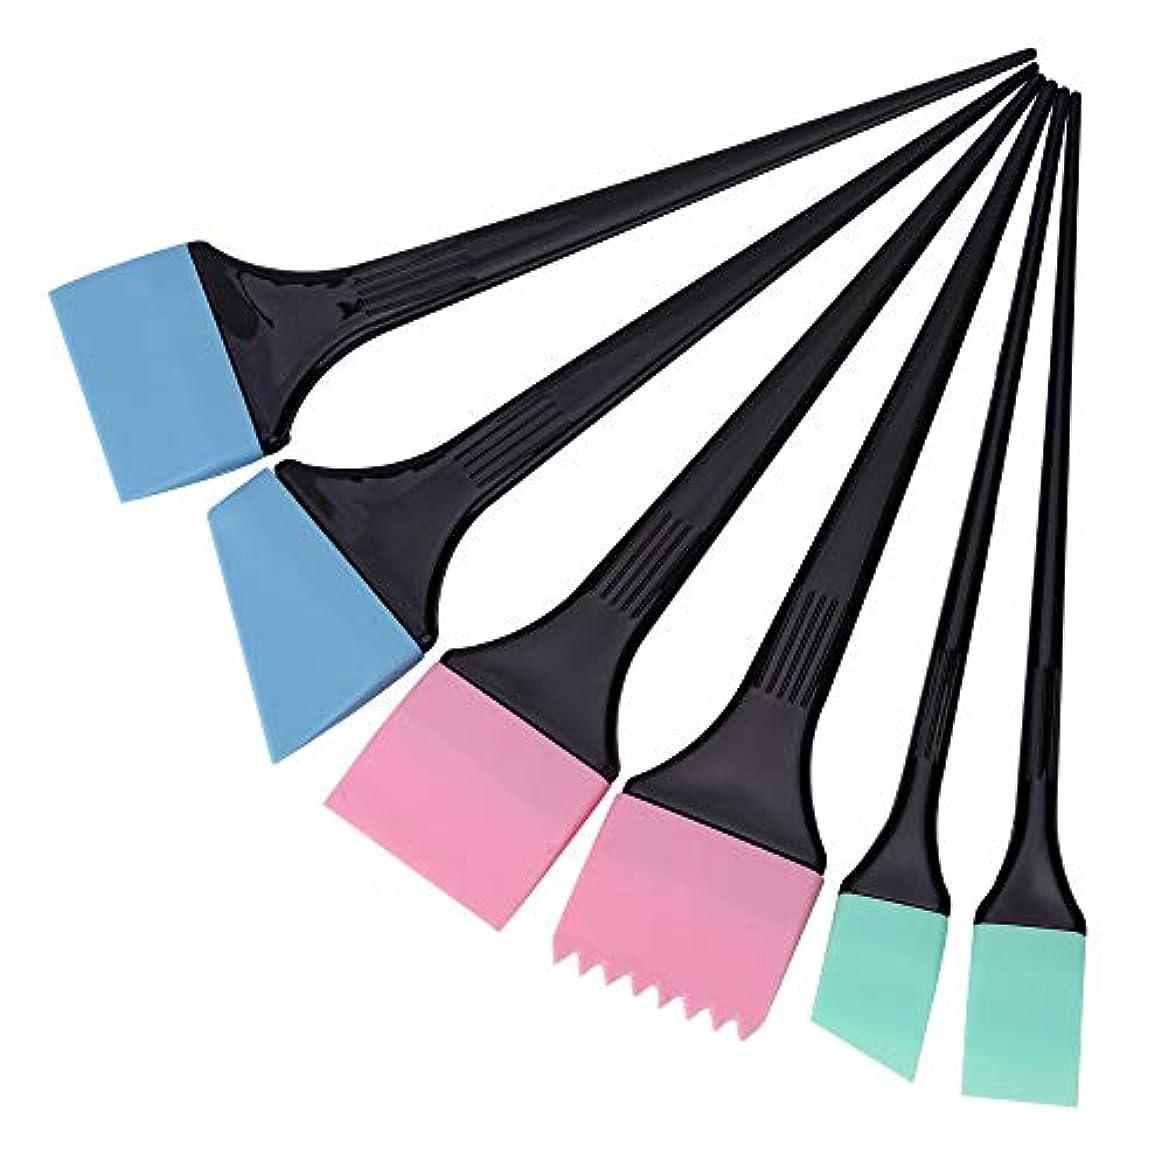 不均一ビリー相対サイズヘアダイコーム&ブラシ 毛染めブラシ 6本/セット 着色櫛キット プロサロン 理髪スタイリングツール へアカラーセット グリーン